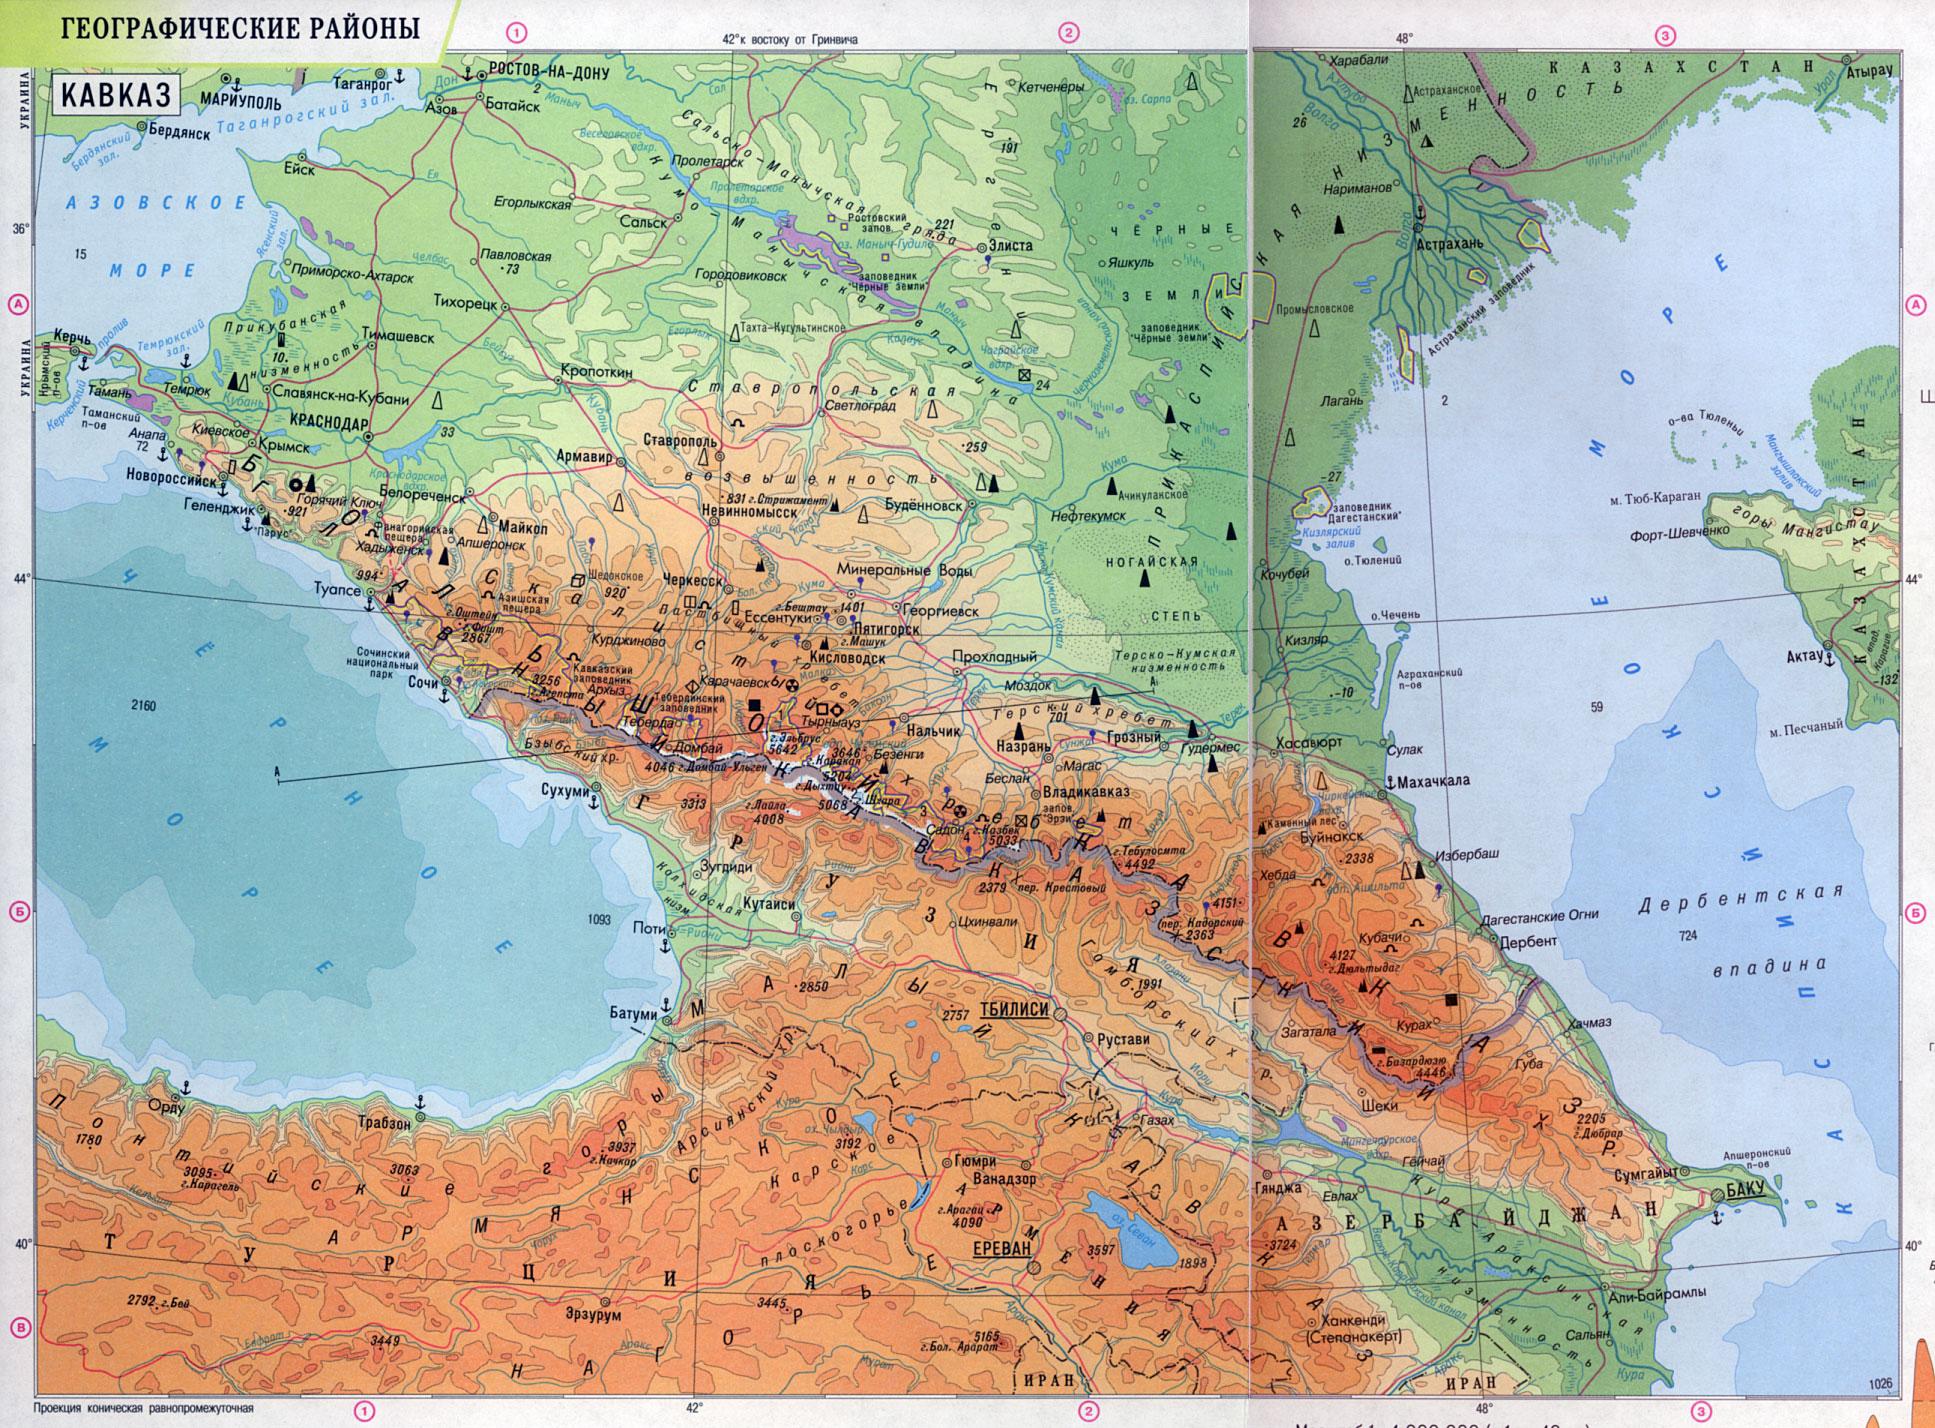 Где на карте находятся кавказские горы на карте россии